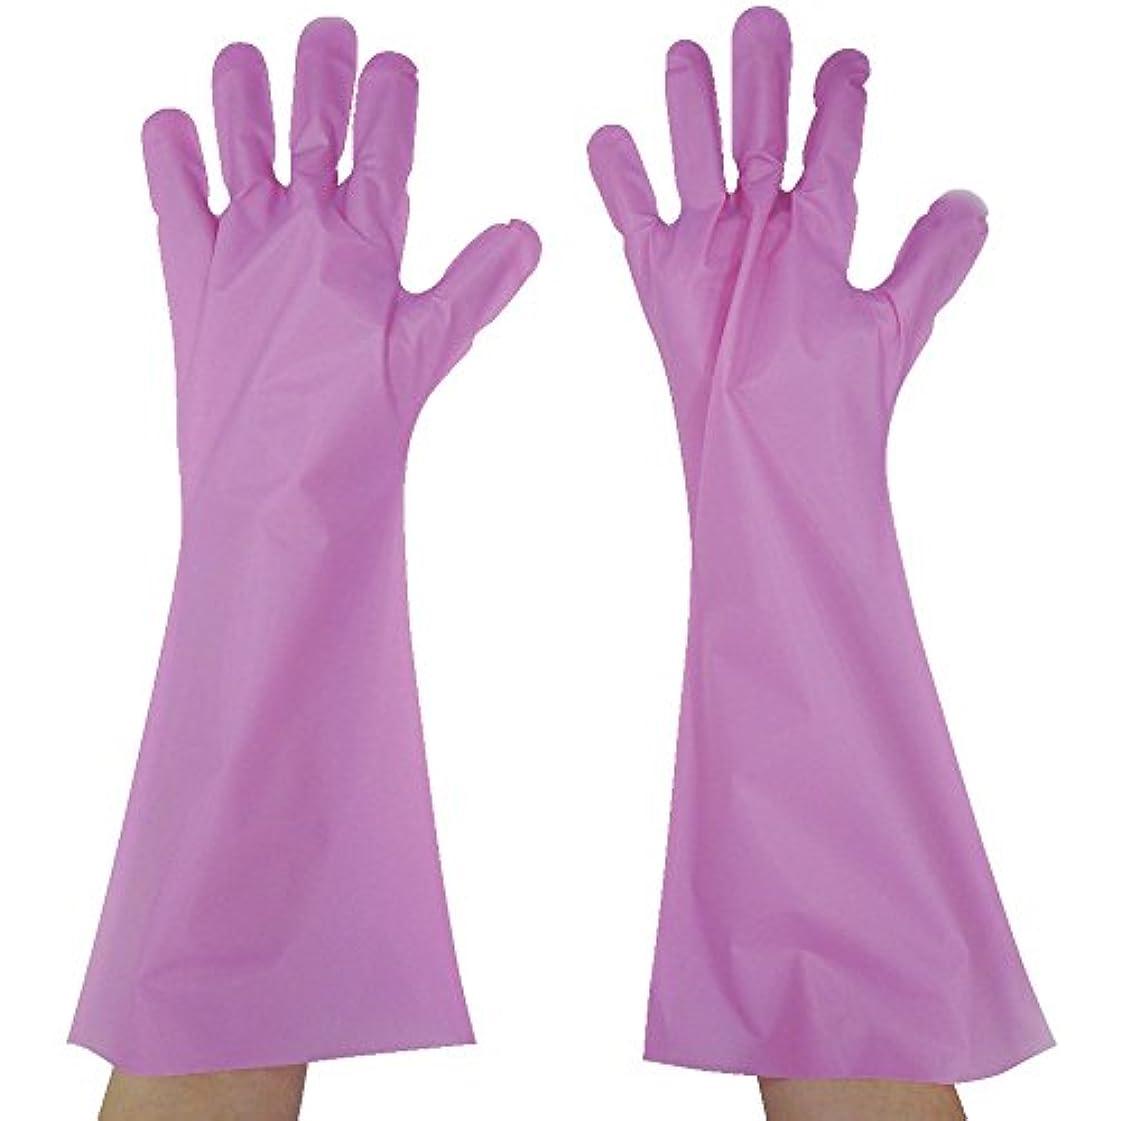 東京パック エンボス手袋ロング五本絞り ピンク L PL45L ポリエチレン使い捨て手袋